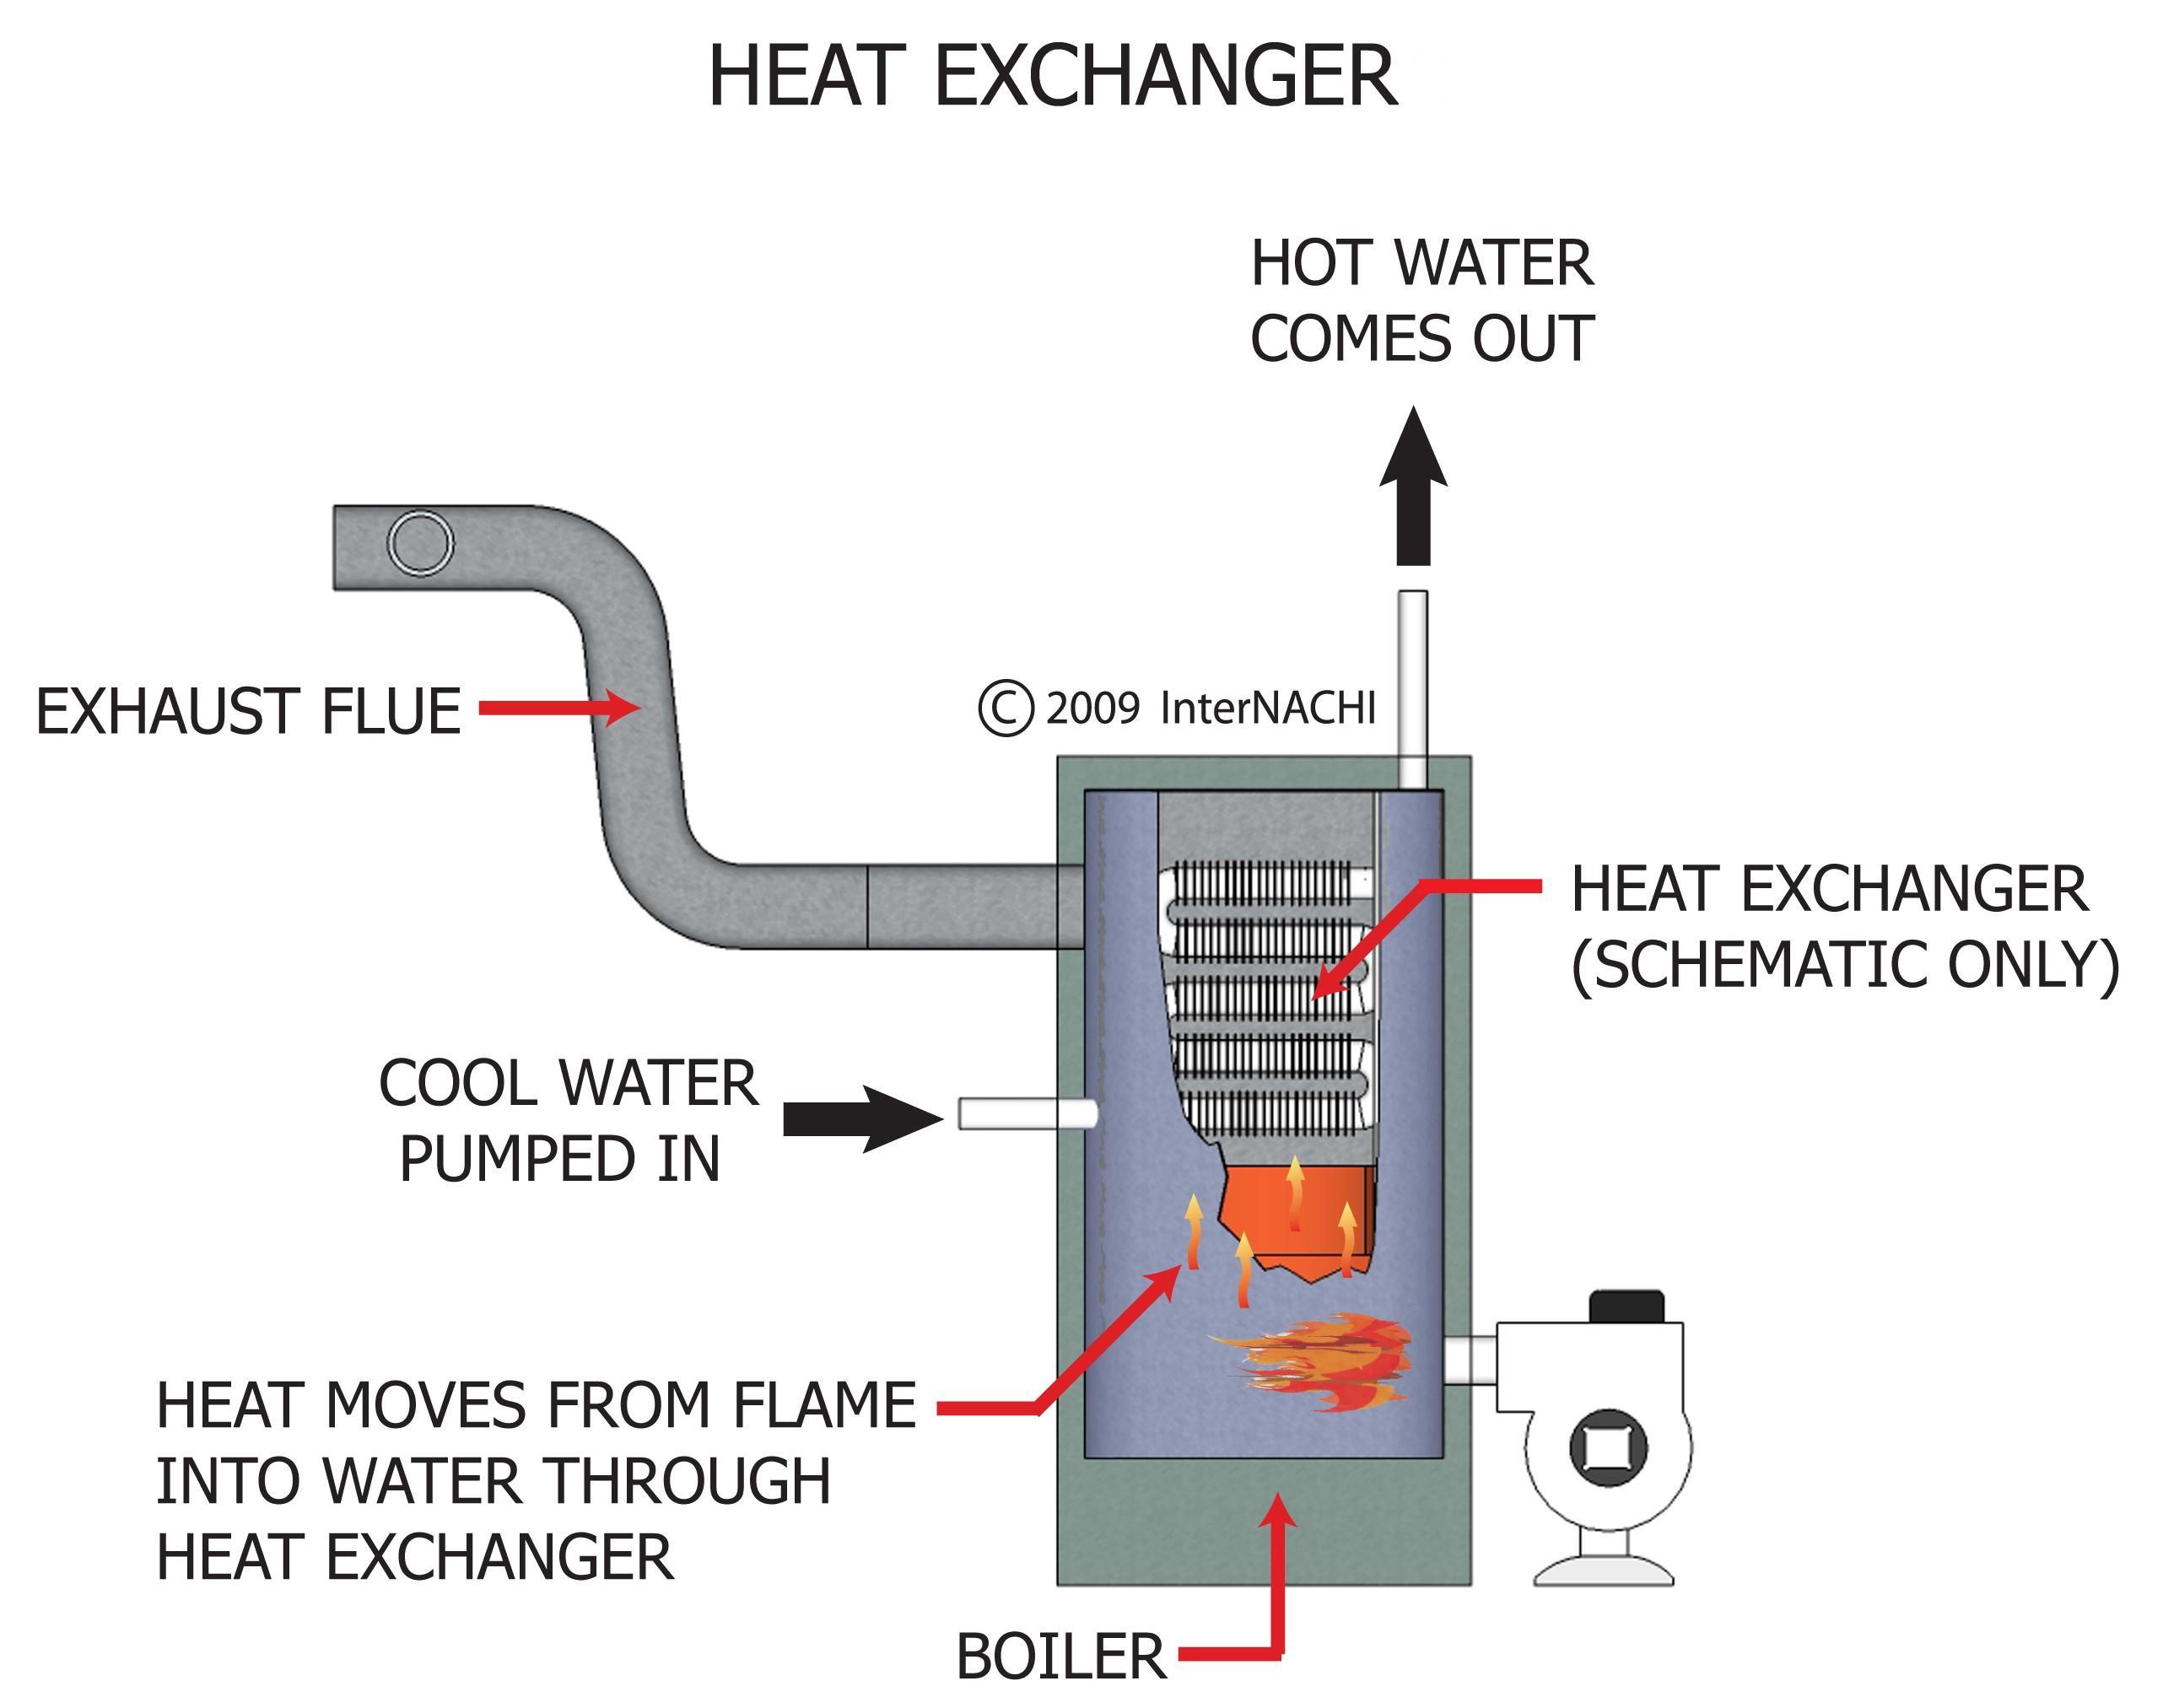 Heat exchanger.